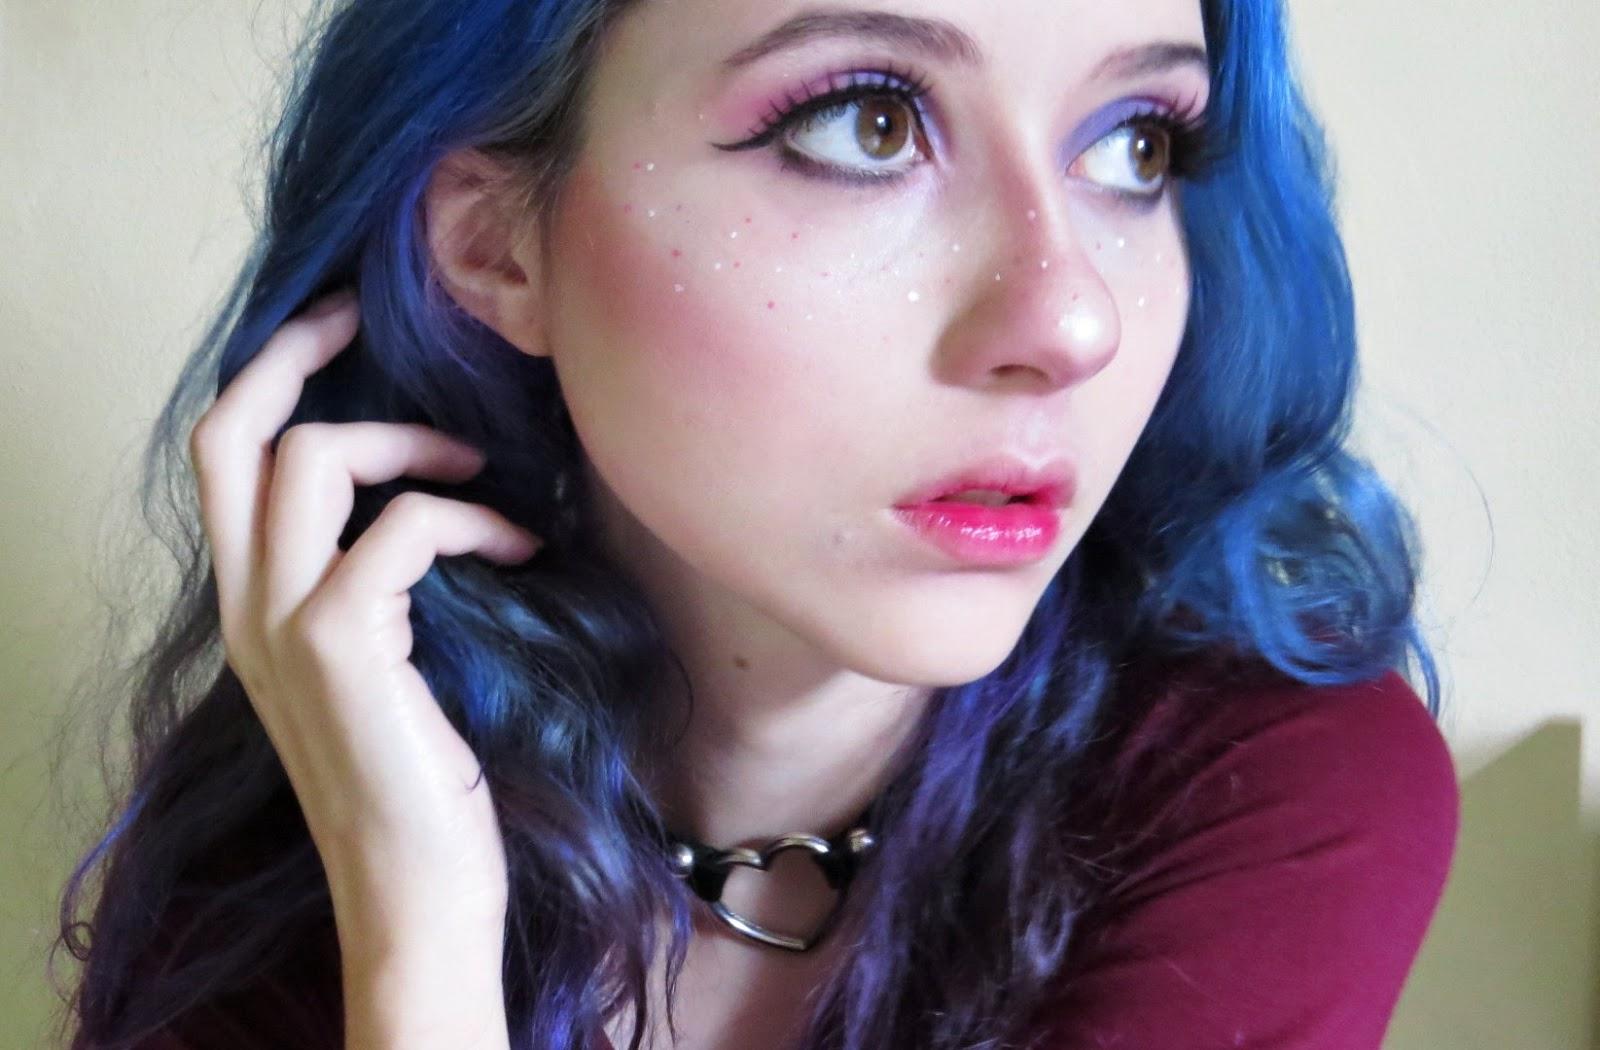 O Amor Da Minha Vida Sou Eu Sempre Fui E Sempre Serei: Alternative Fashion, D.I.Y., Beauty: Sobre Mim